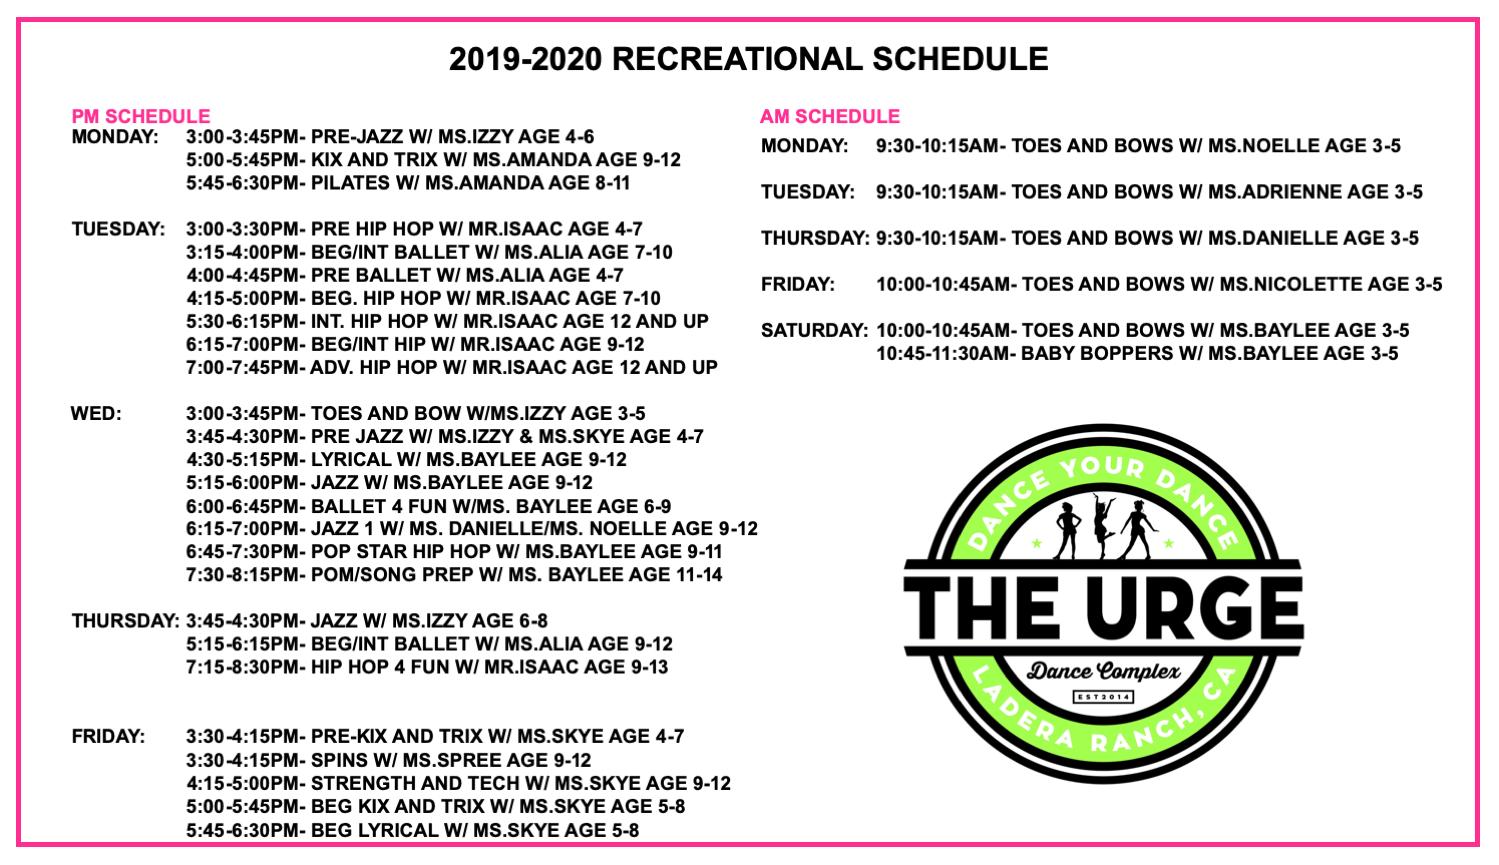 Rec Schedule 2019-2020 V2.png